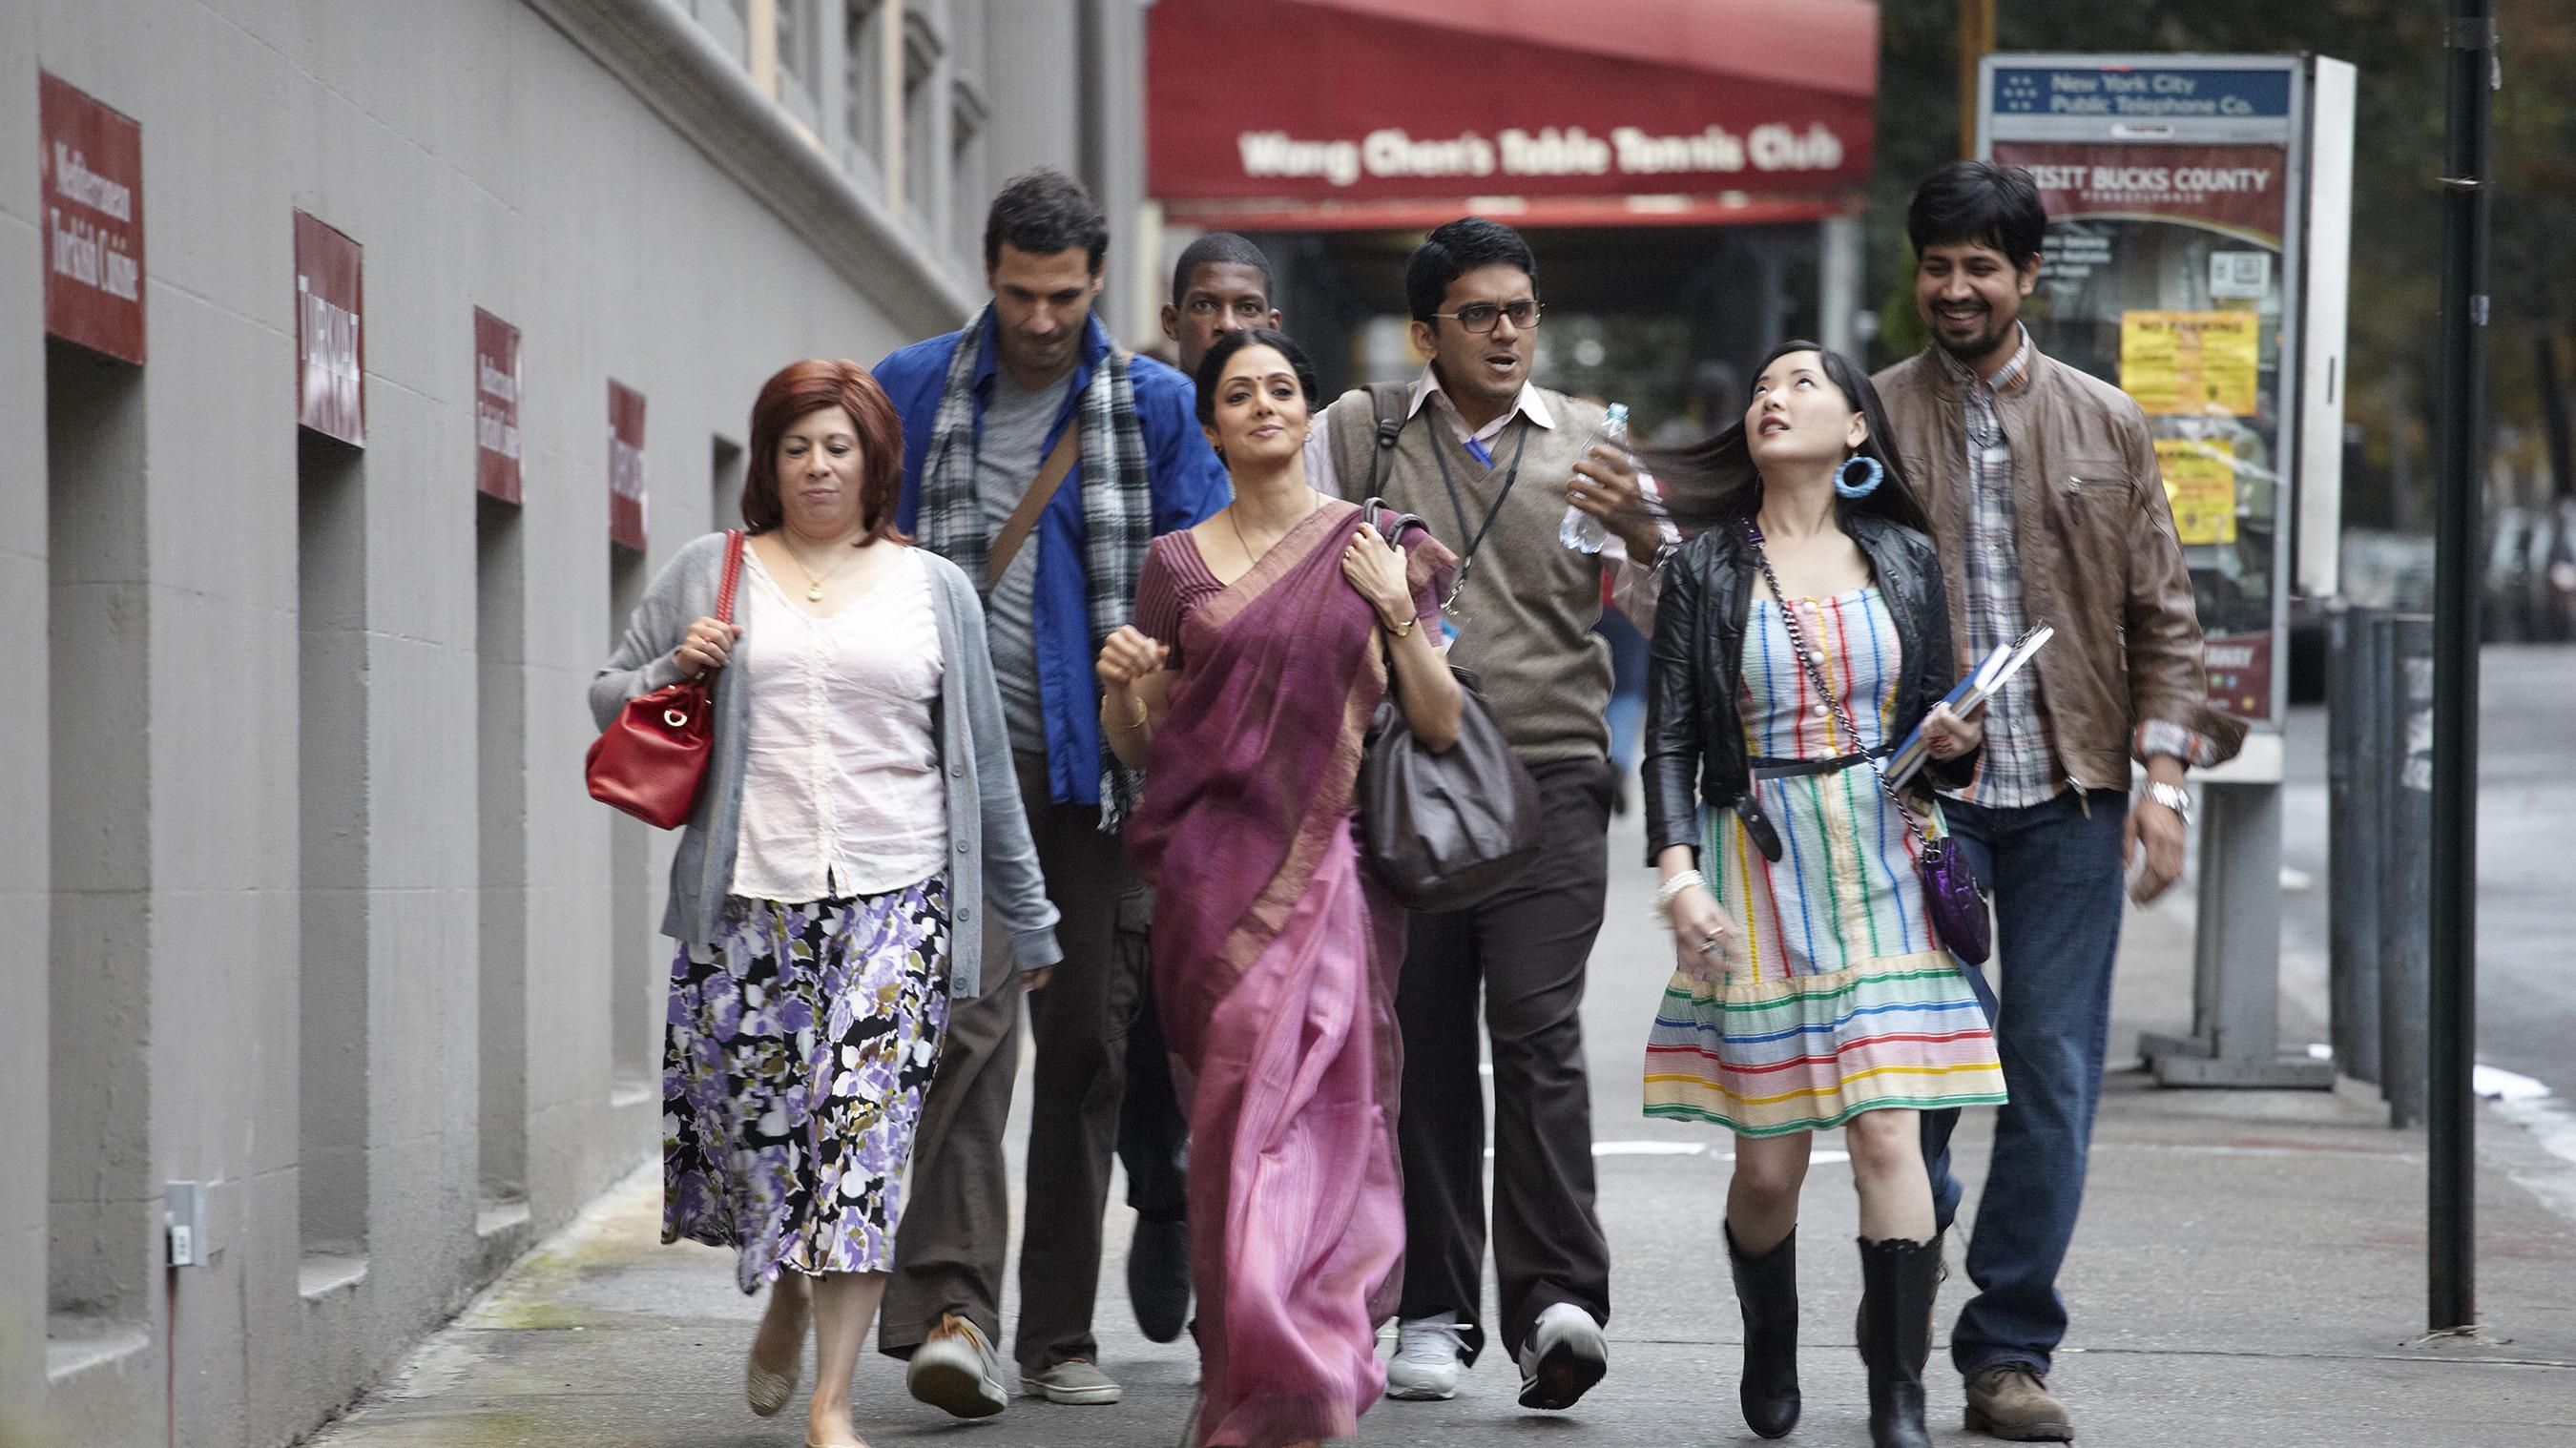 杀破狼国语_《印式英语》印度预告片_印式英语_电影_高清1080P在线观看_腾讯视频